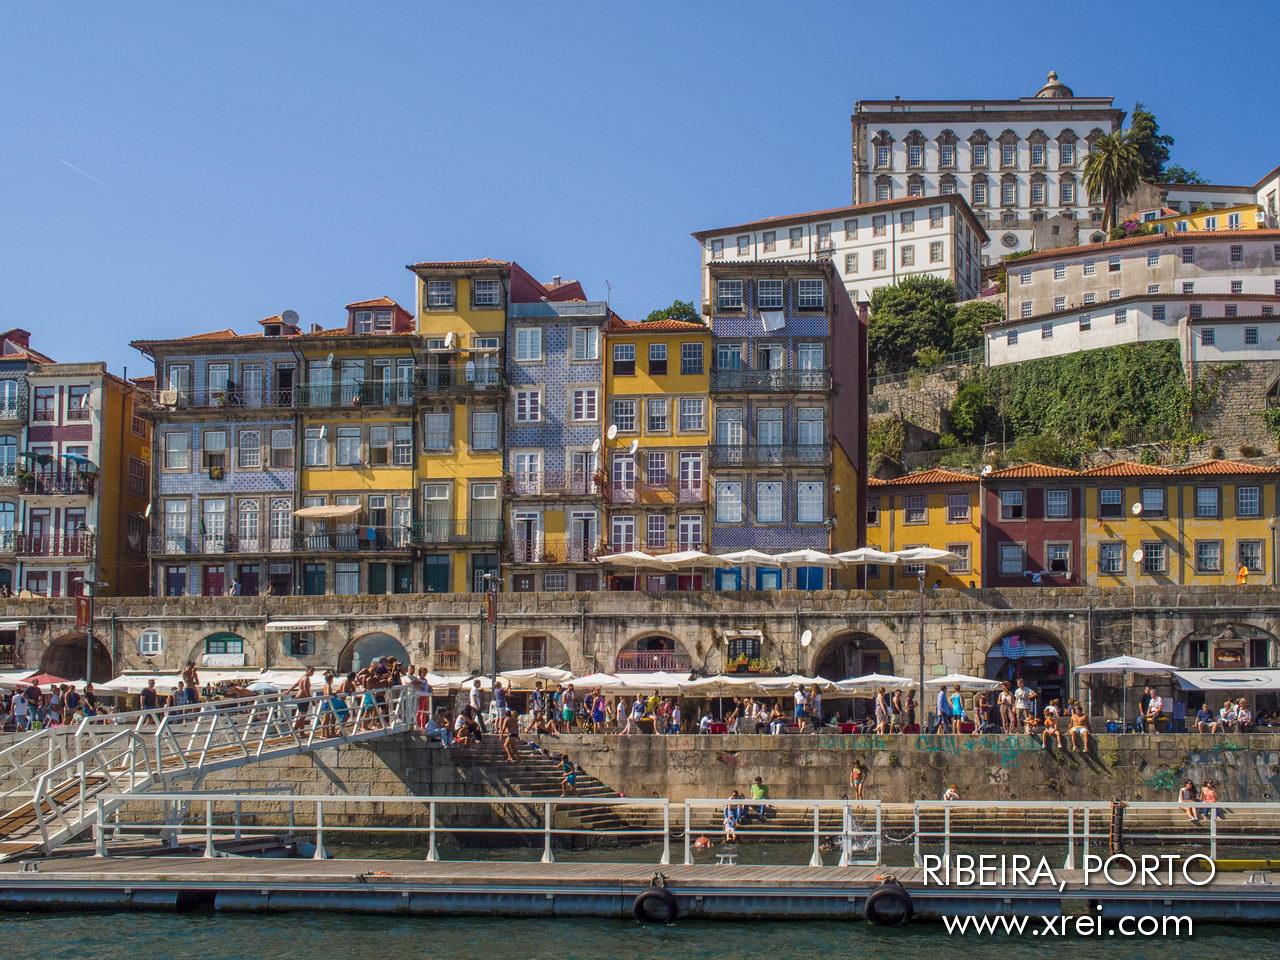 En esta foto podemos ver el histórico paseo costero de Ribeira do Porto, con la muralla, las casas recuperadas de la ladera y el Paço Episcopal do Porto en lo alto de la colina.